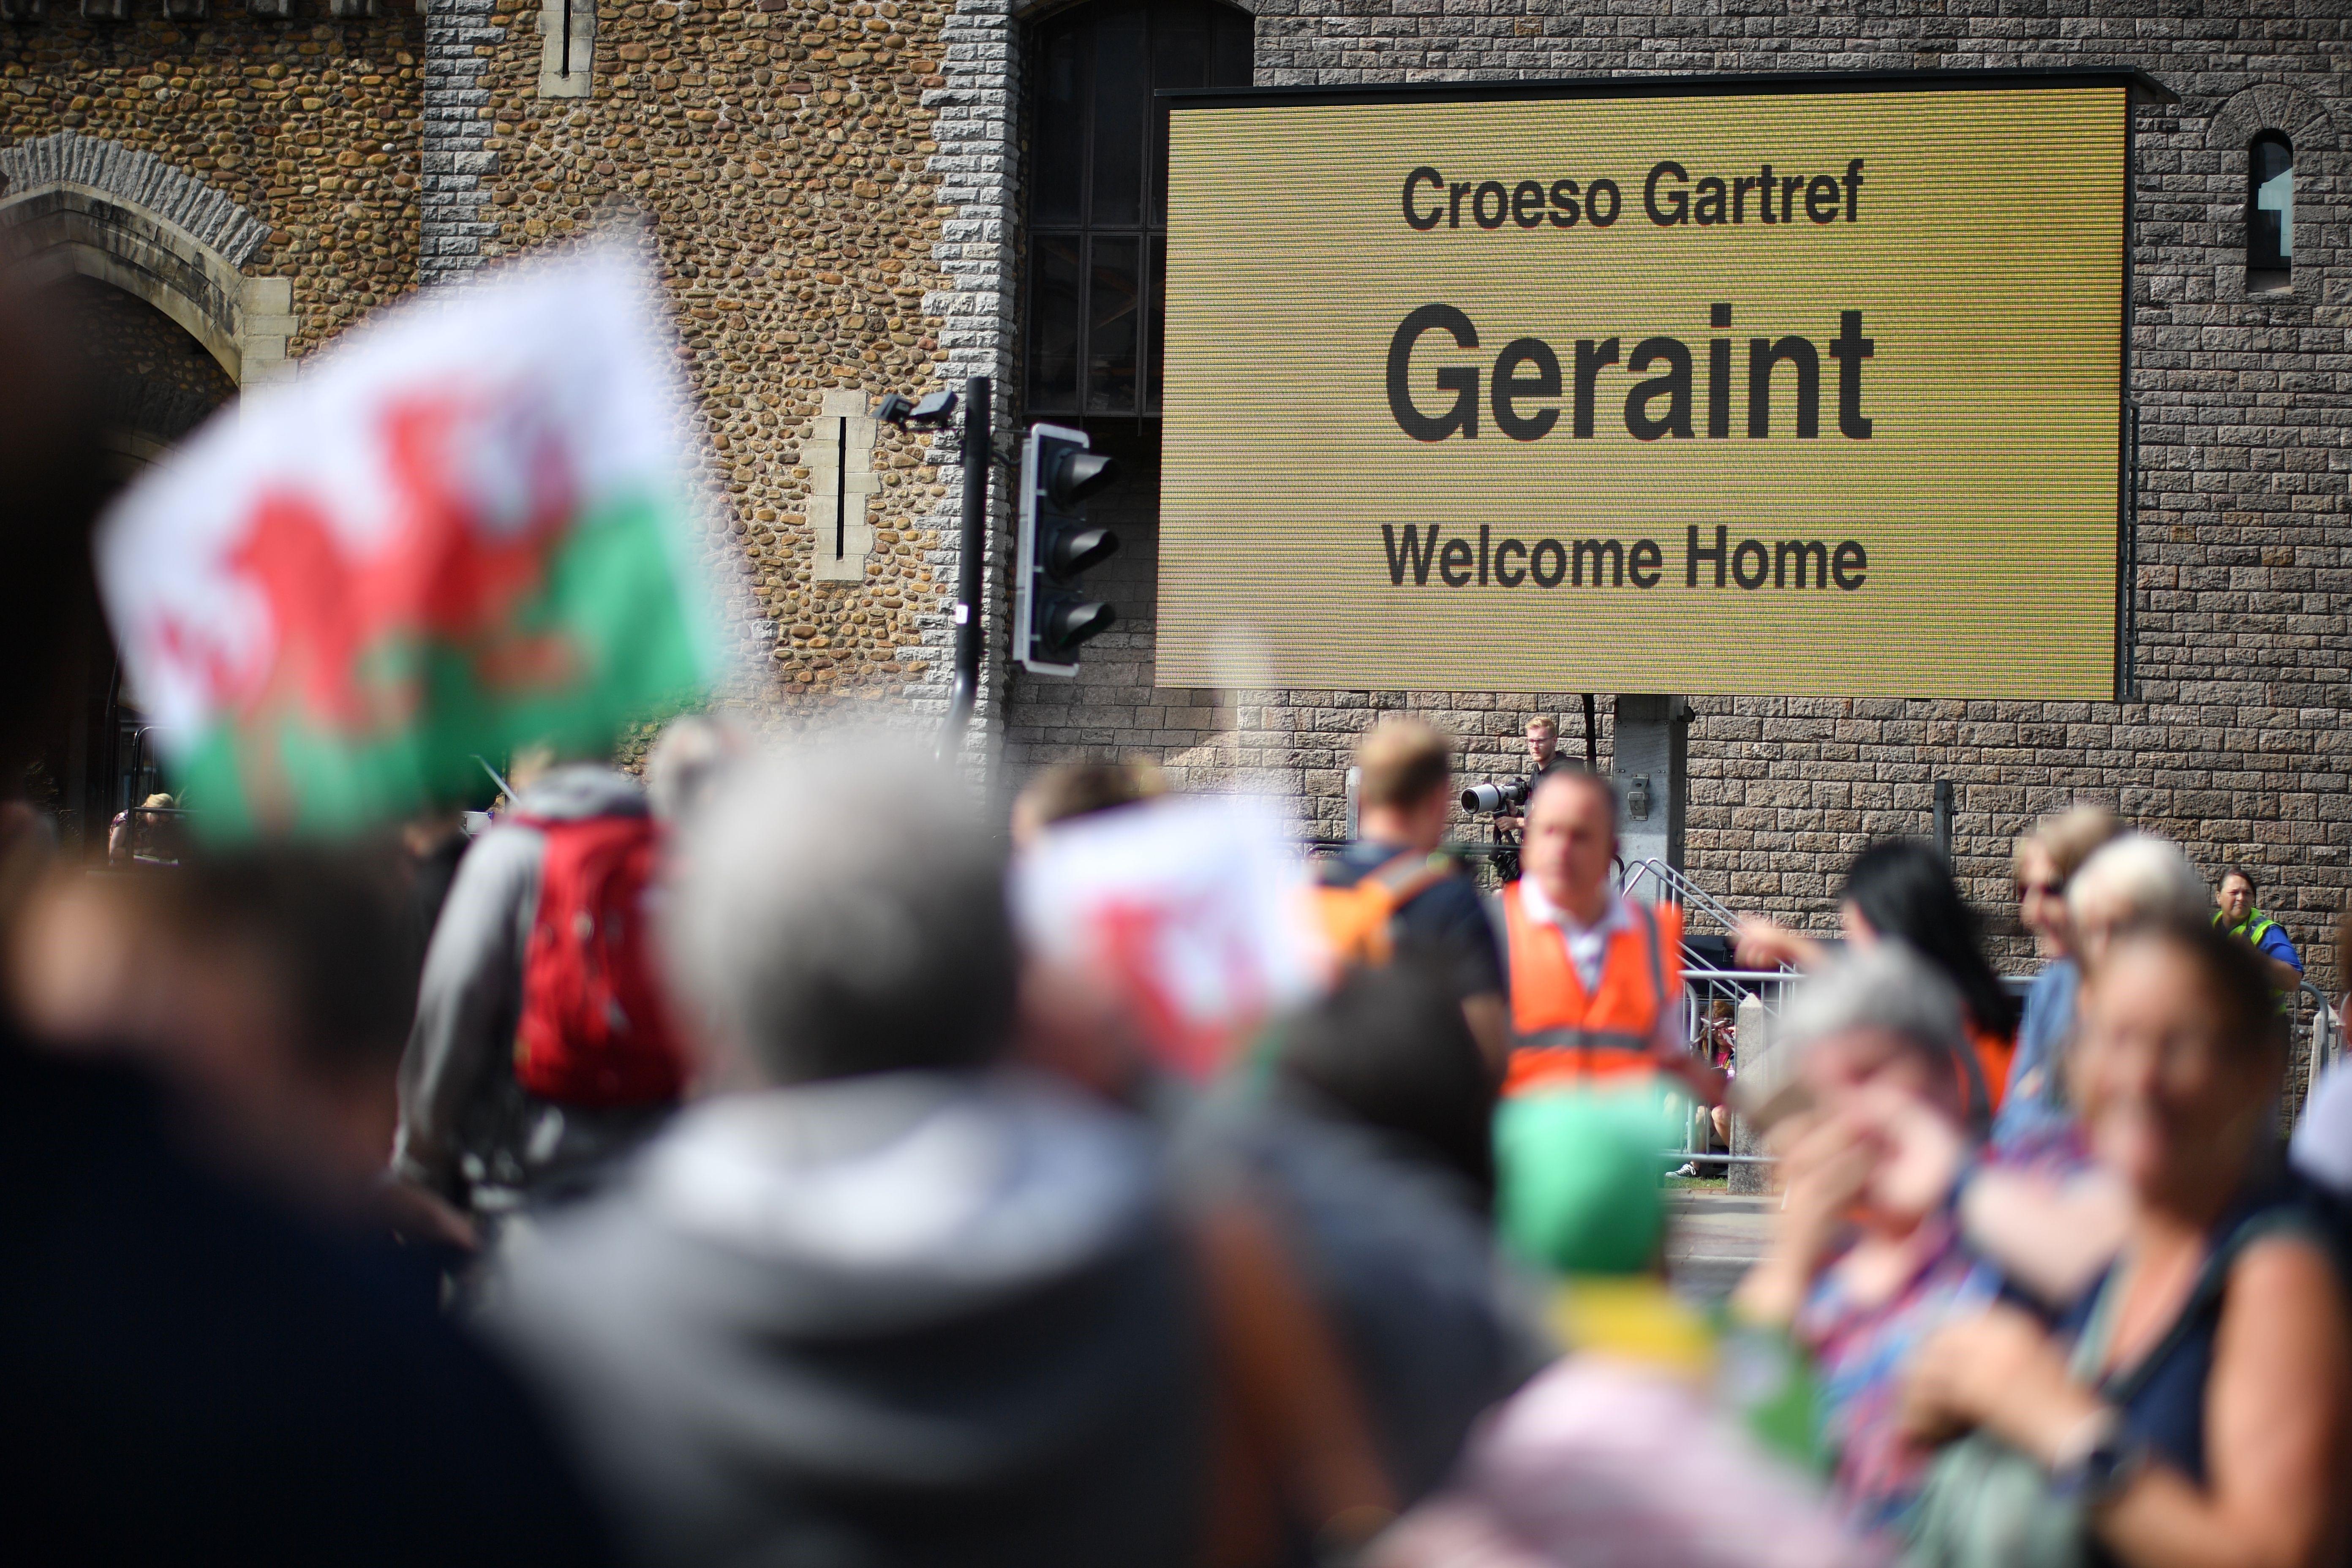 Fans gather to celebrate Geraint Thomas' Tour de France victory